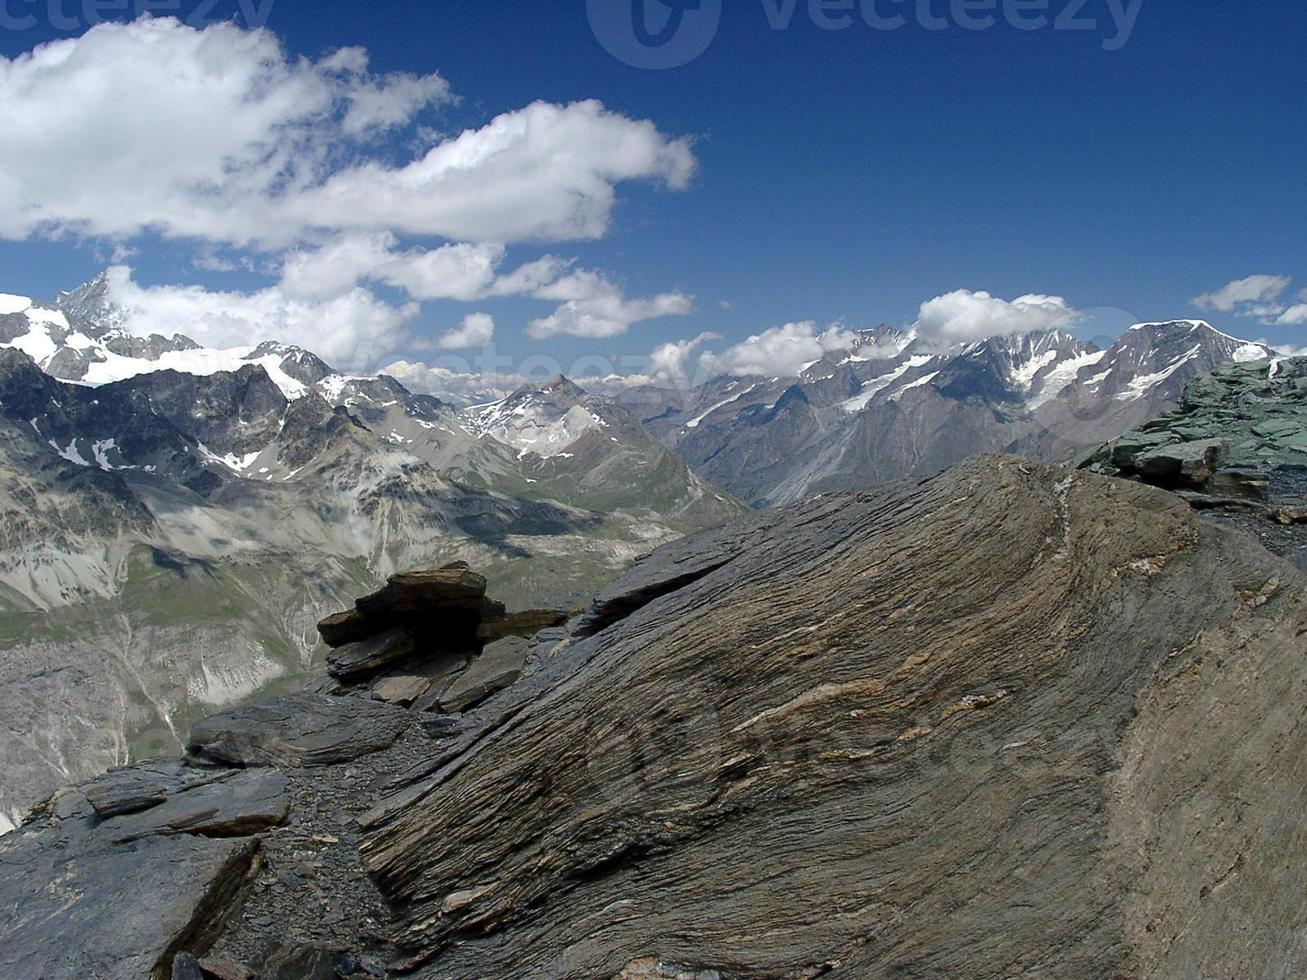 vale alpino com neve e geleira no verão foto